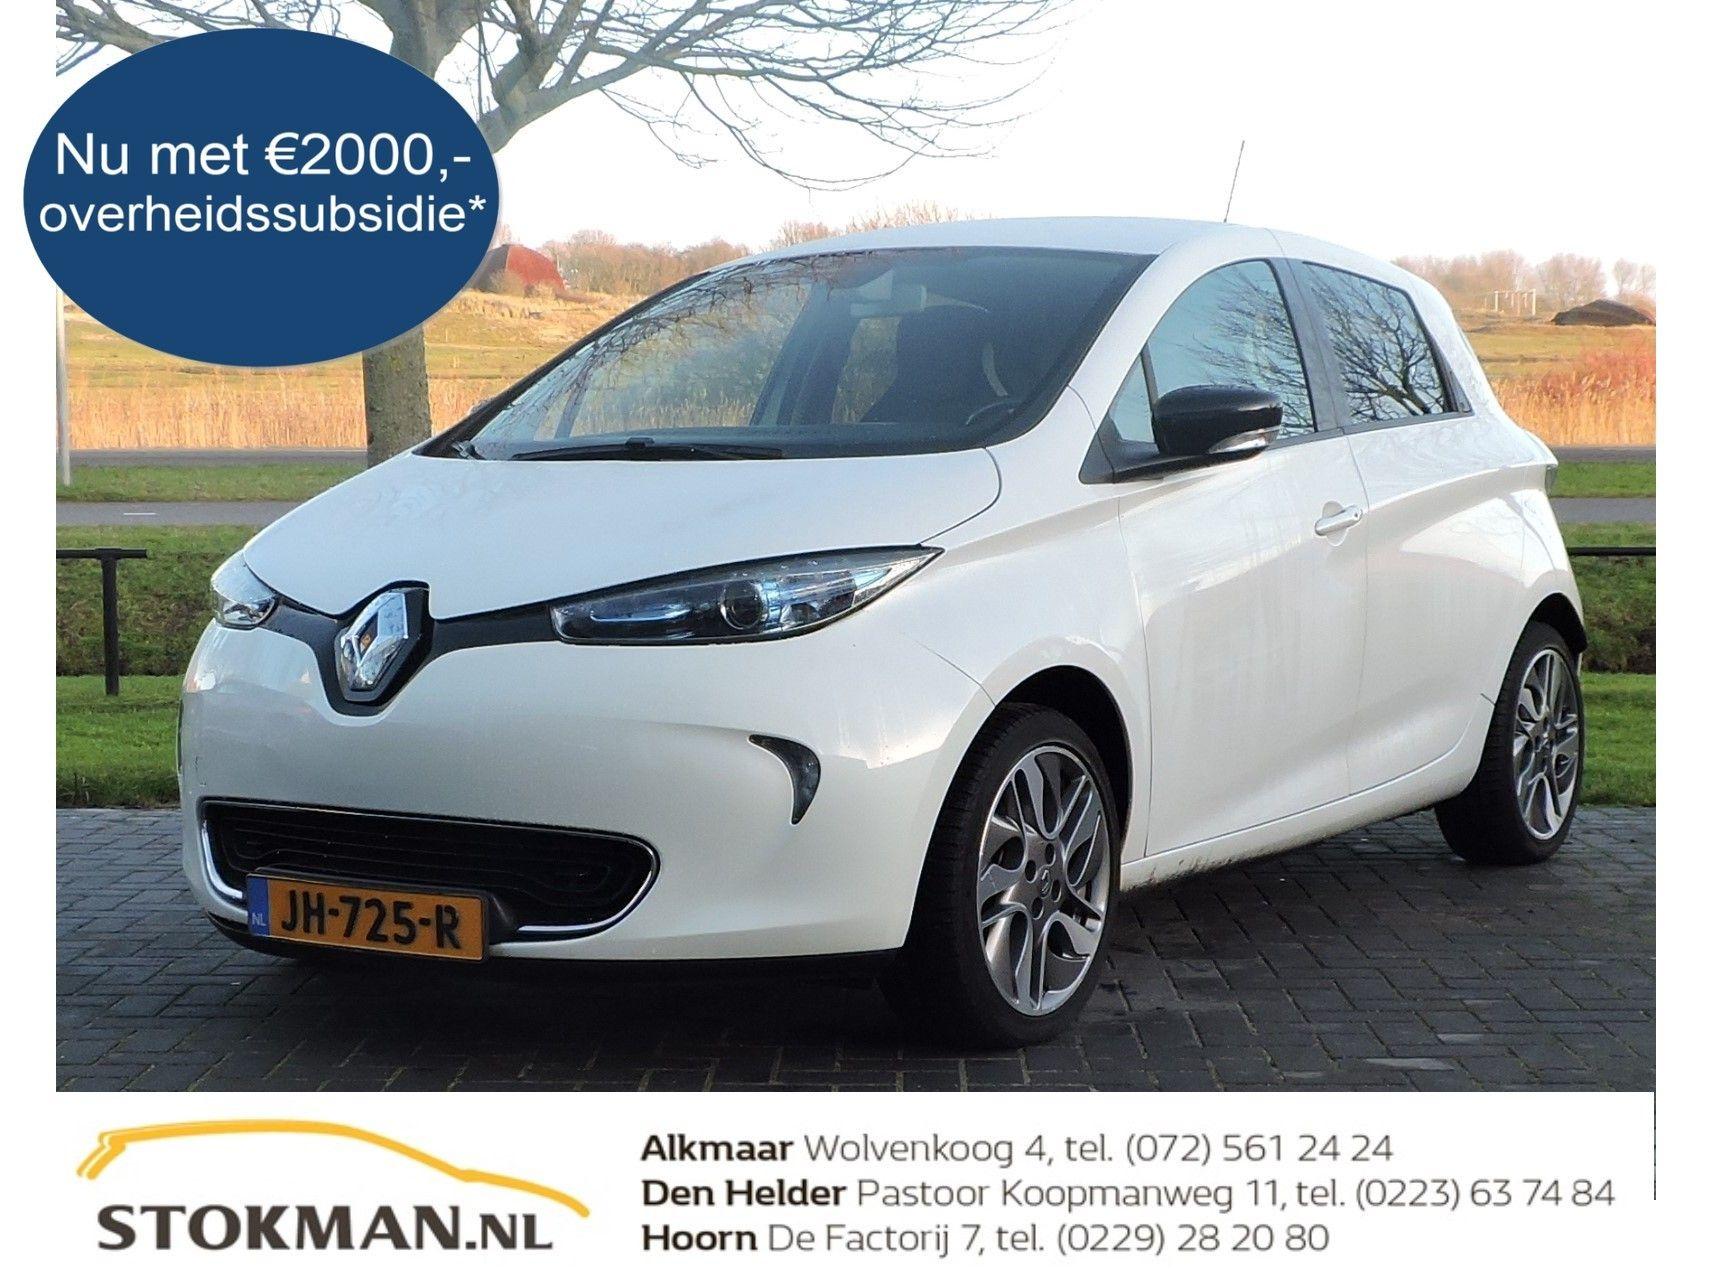 Renault Zoe Q210 Intens Quickcharge 41 kWh accu |(batterijhuur) | NU MET € 2000,- OVERHEIDSSUBSIDIE* | RIJKLAARPRIJS INCLUSIEF AFLEVERPAKKET T.W.V. € 695,- |